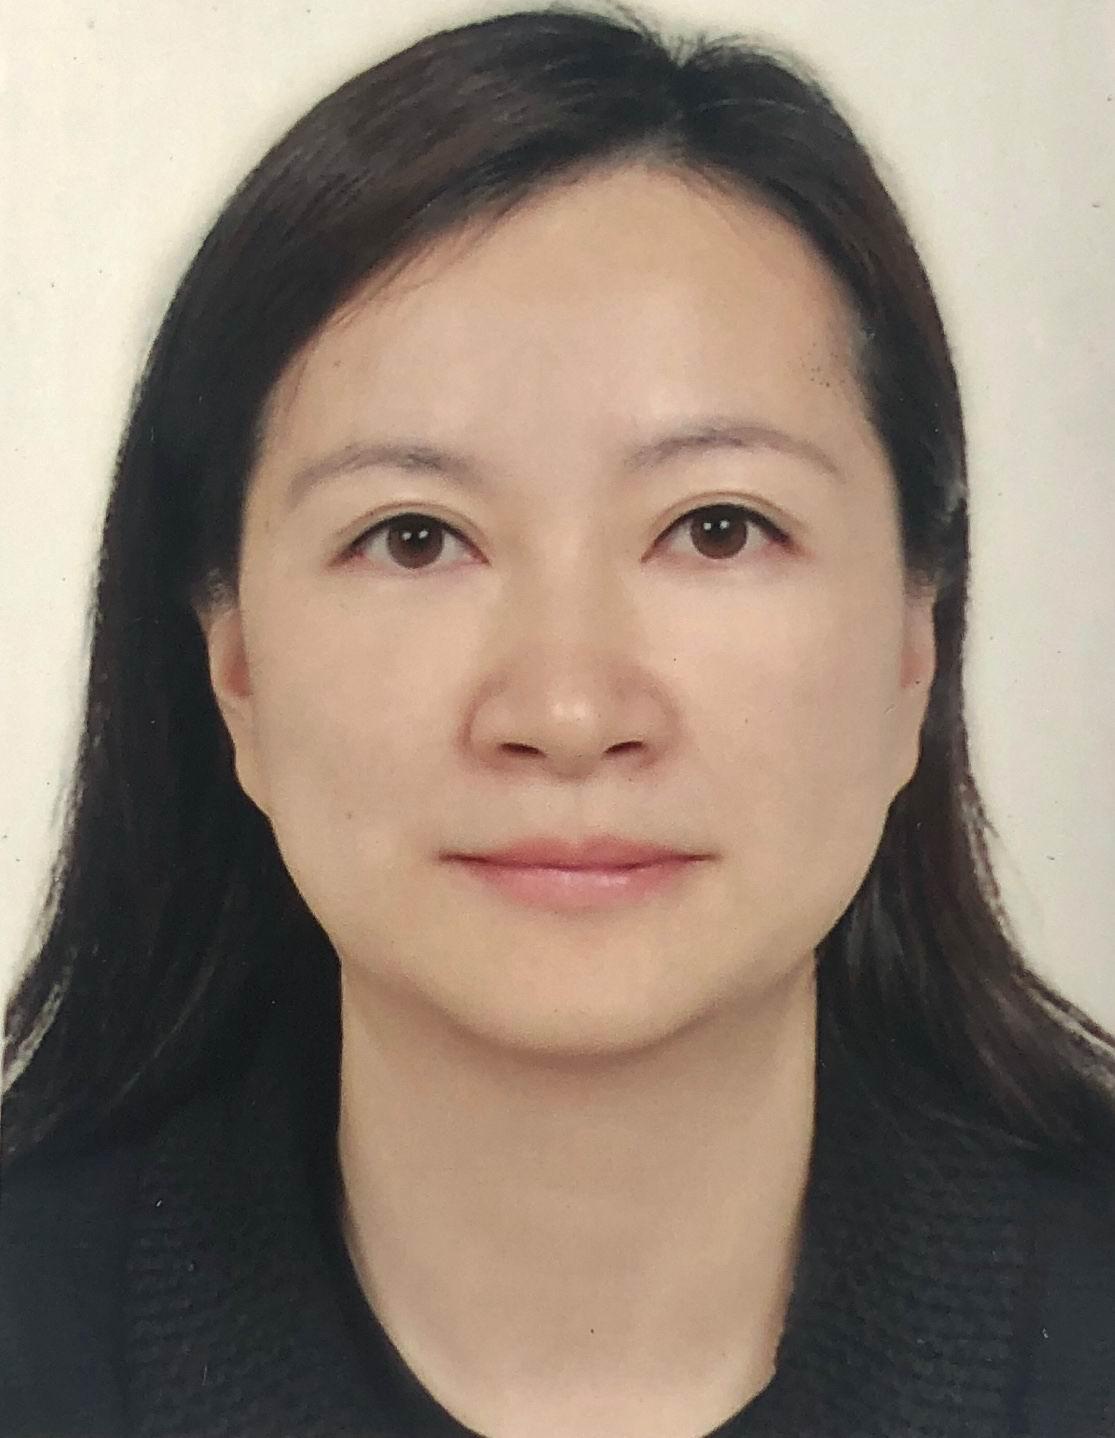 律師Annie Yu將詳細解說「SSI and Medi-Cal相關的政府福利」。